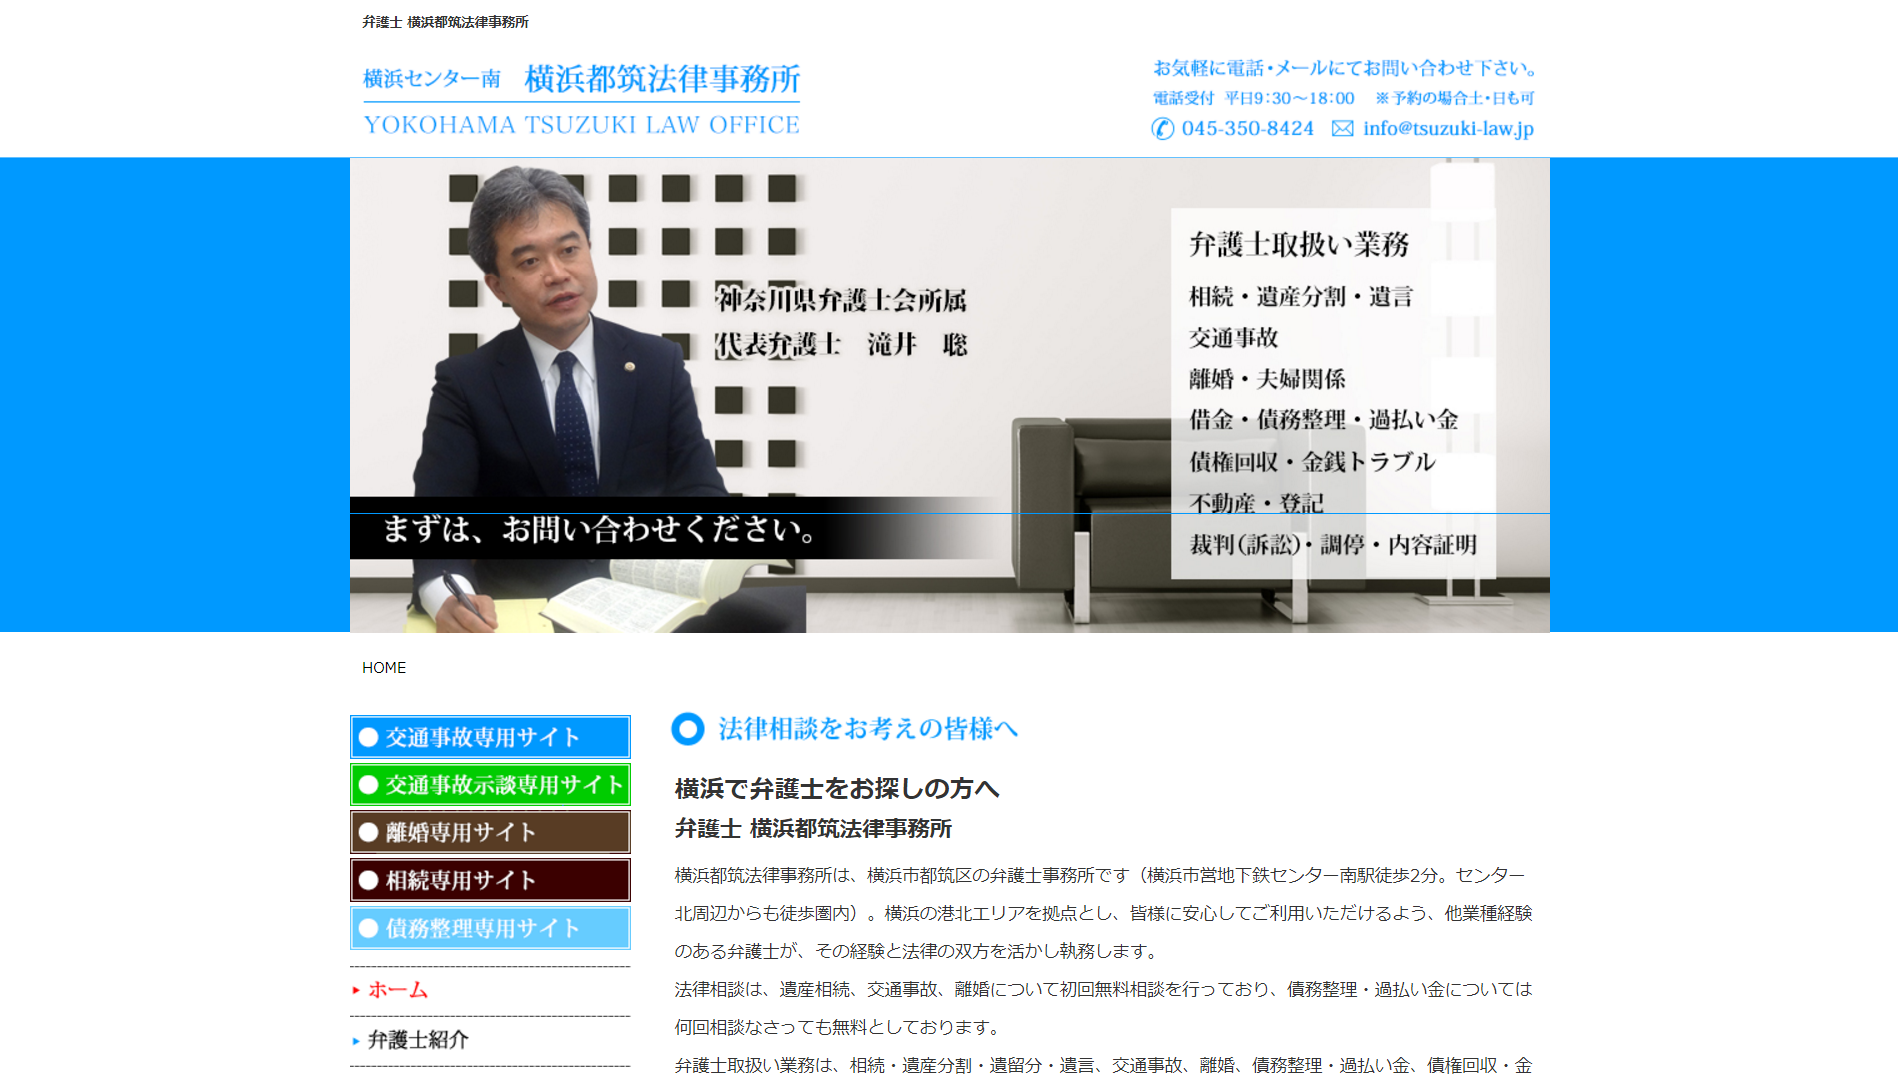 横浜都筑法律事務所(神奈川県横浜市都筑区)